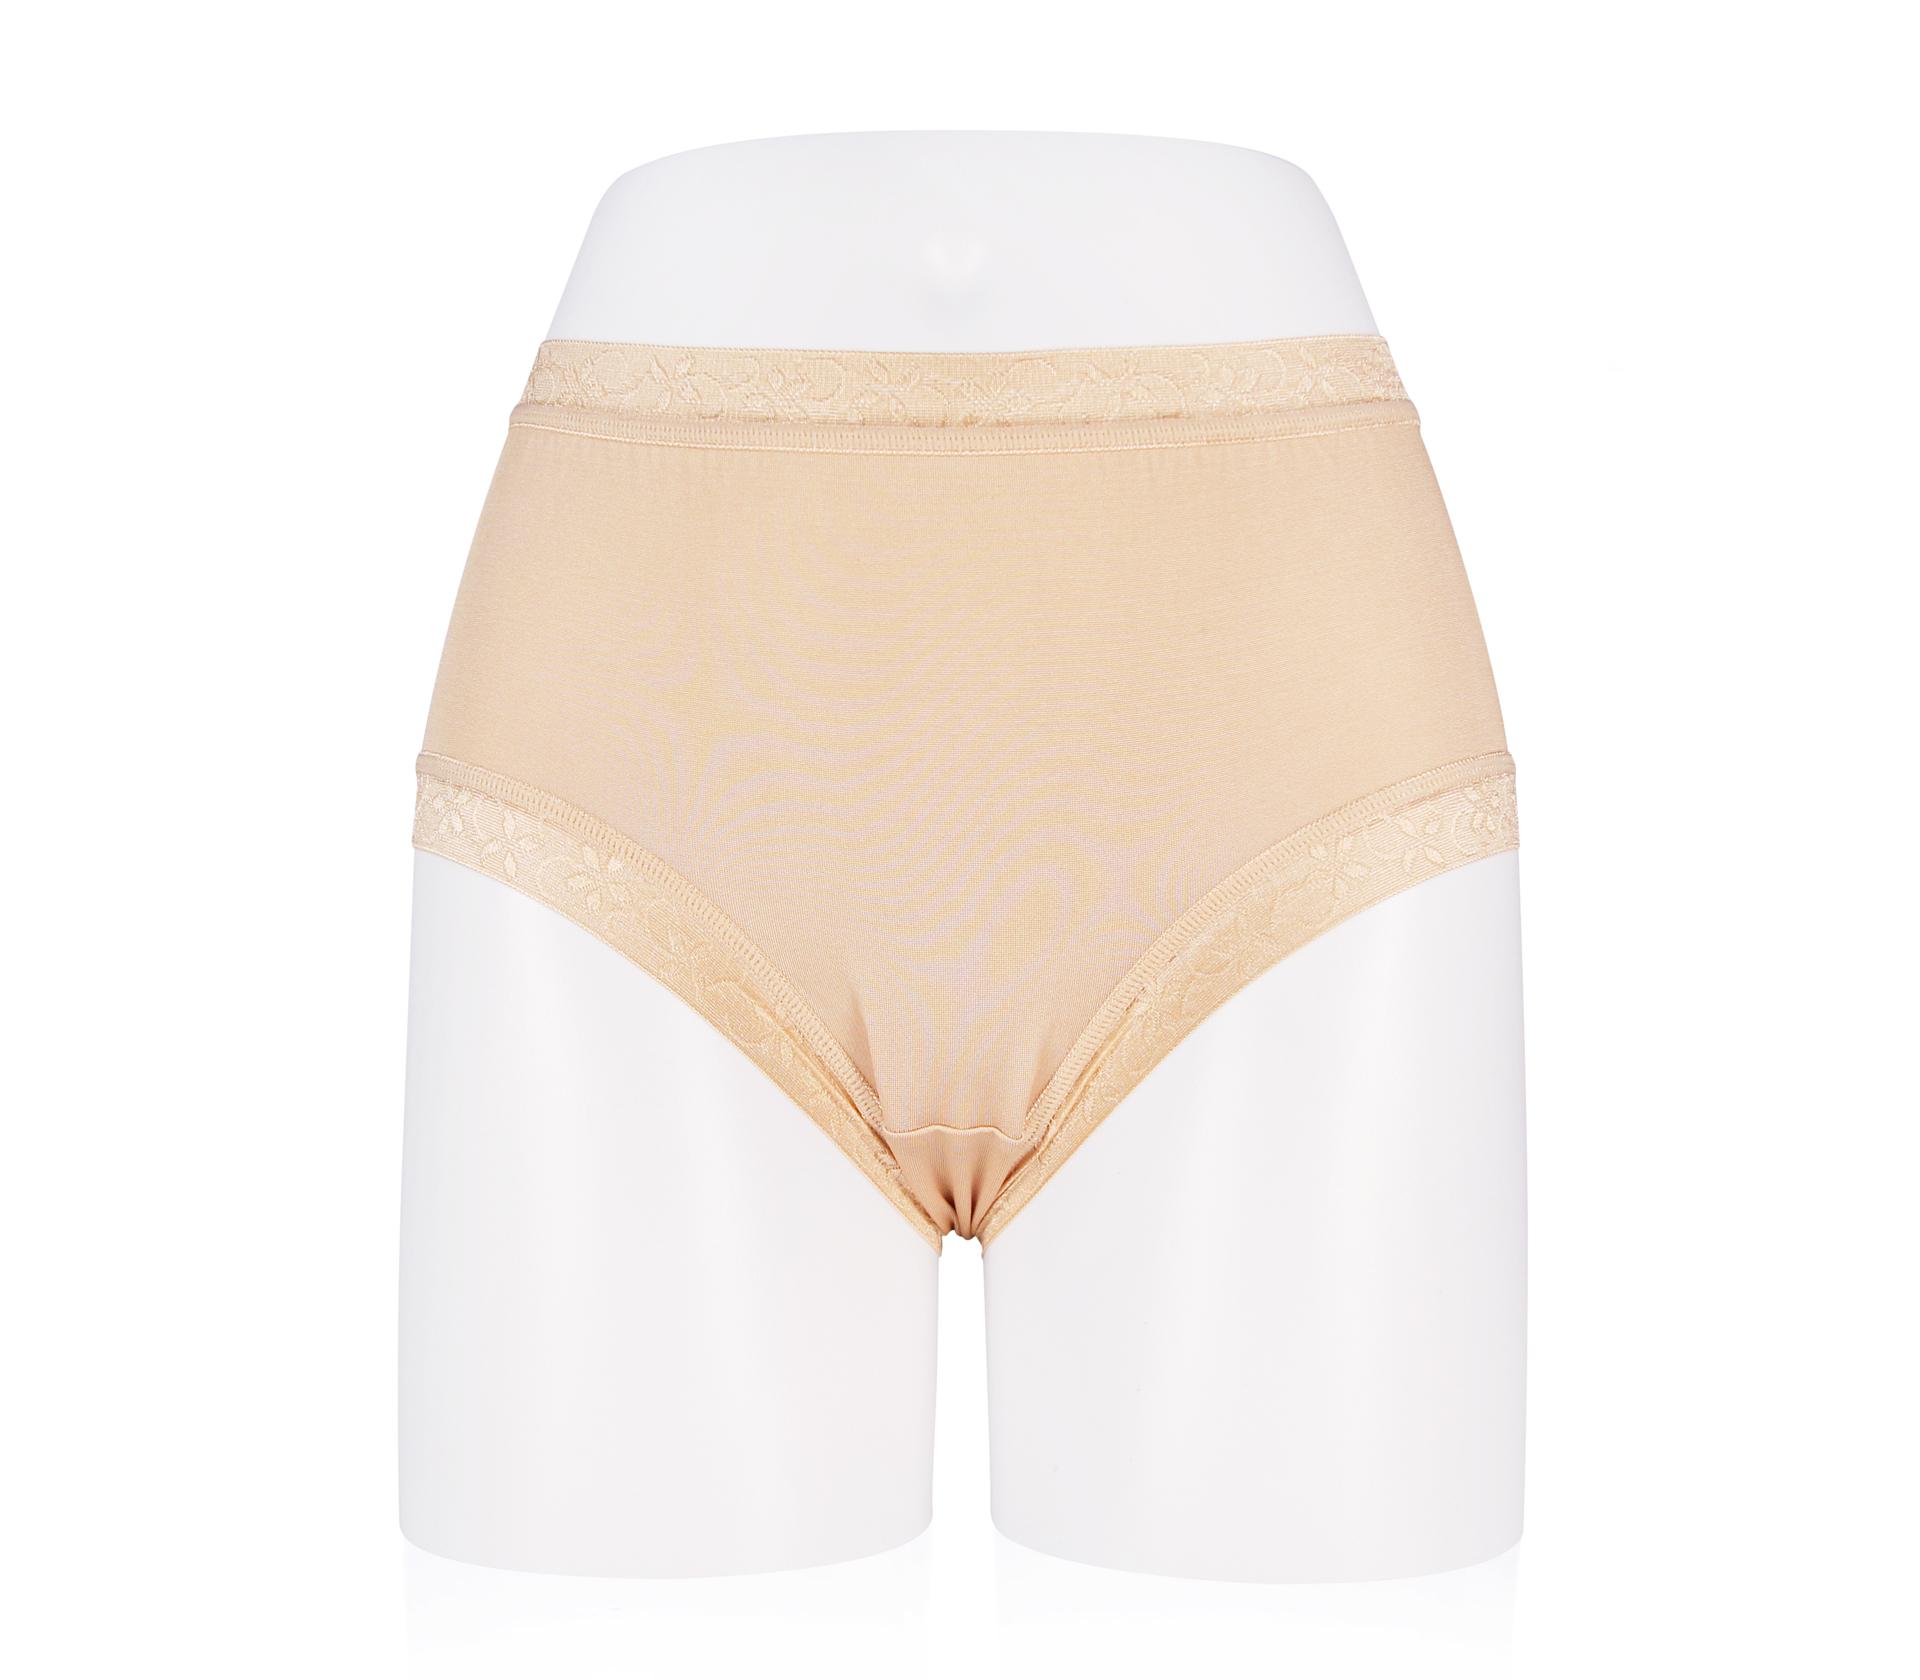 闕蘭絹絲滑透氣100%蠶絲褲 - 88117 (膚色)